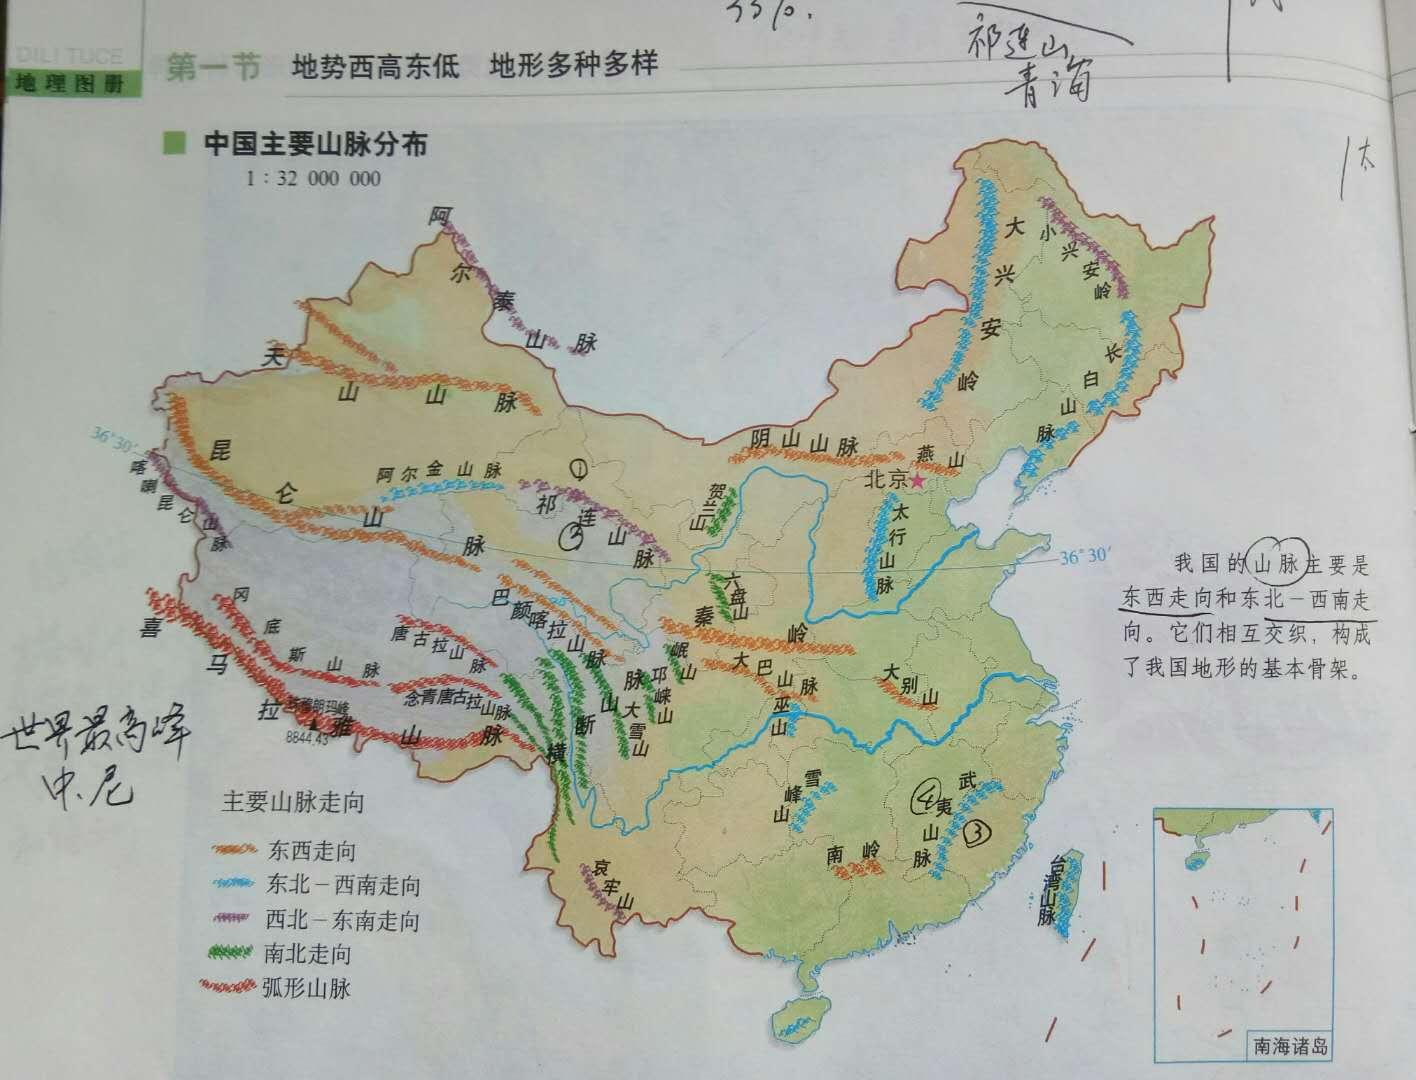 (10)中国地形剖面图判读知识要点